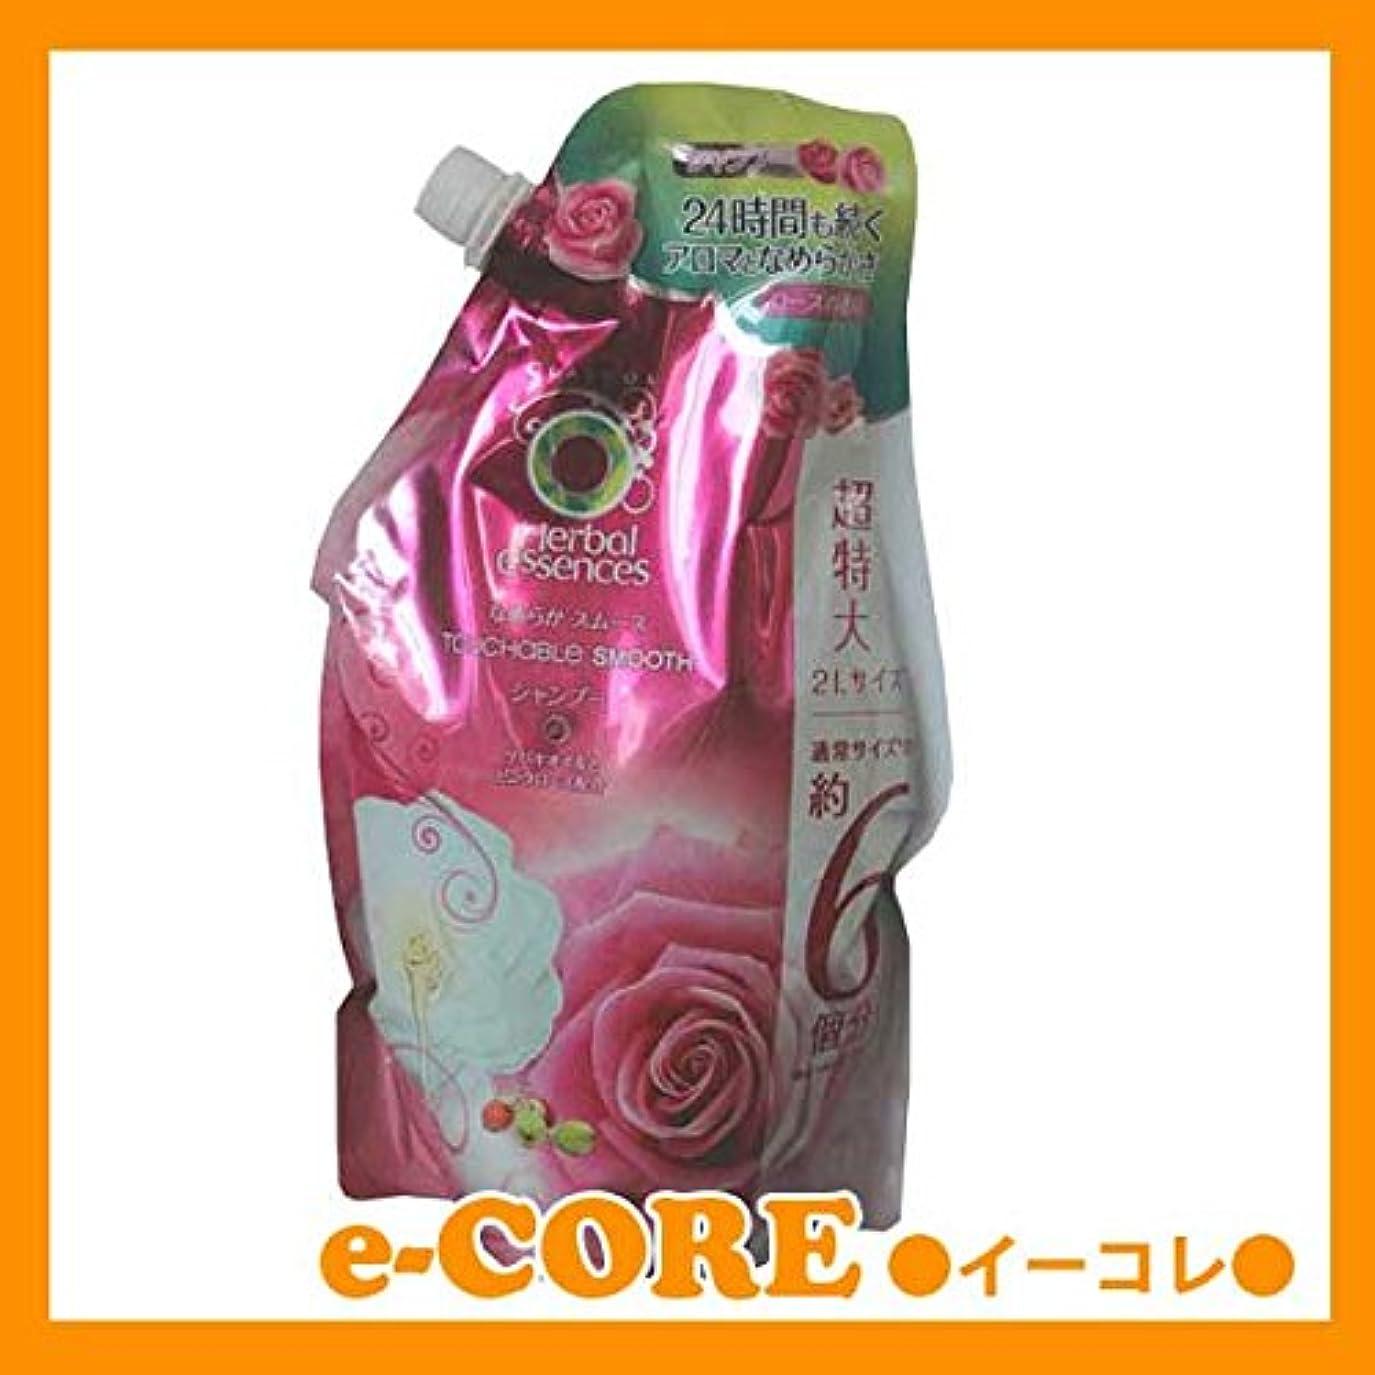 ロッジダンス感嘆Herbal Essence ハーバルエッセンス なめらかスムース シャンプー 詰め替え用 2L 通常サイズ約6回分  ツバキオイルとピンクローズ配合